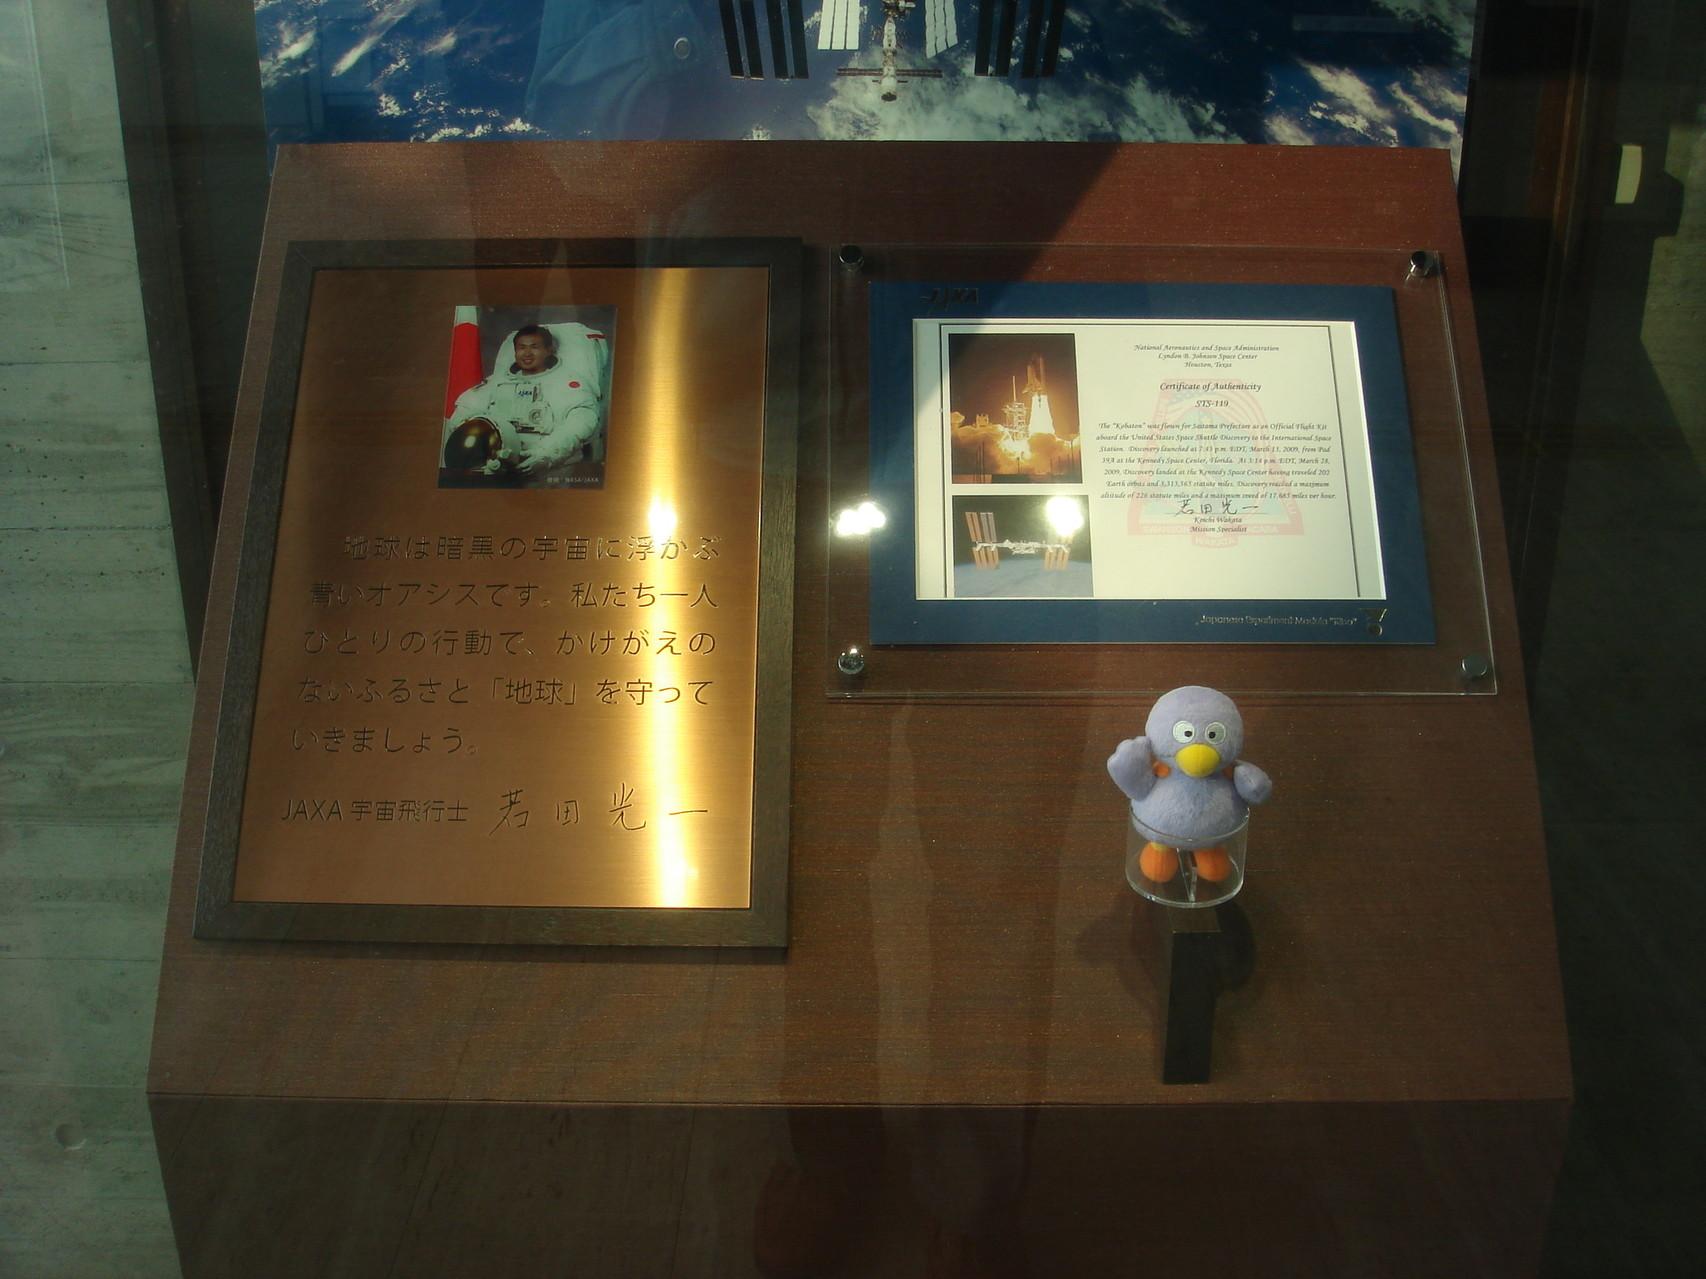 若田さんを記念する展示台とプレート類です。展示台やプレート類すべて製作しました。